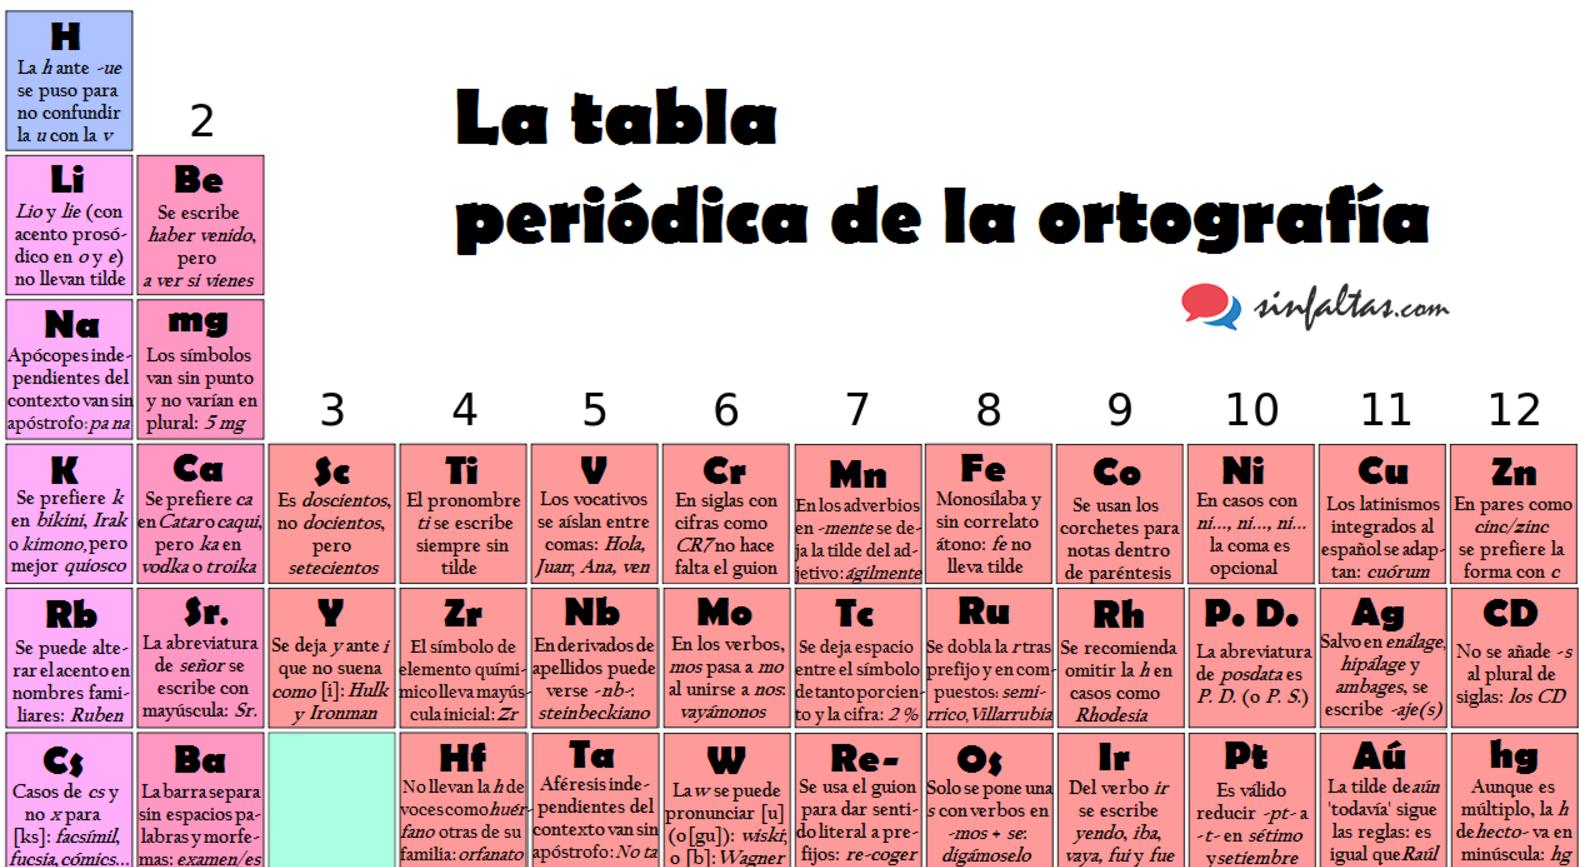 tabla peridica de la ortografa - Tabla Periodica Mg